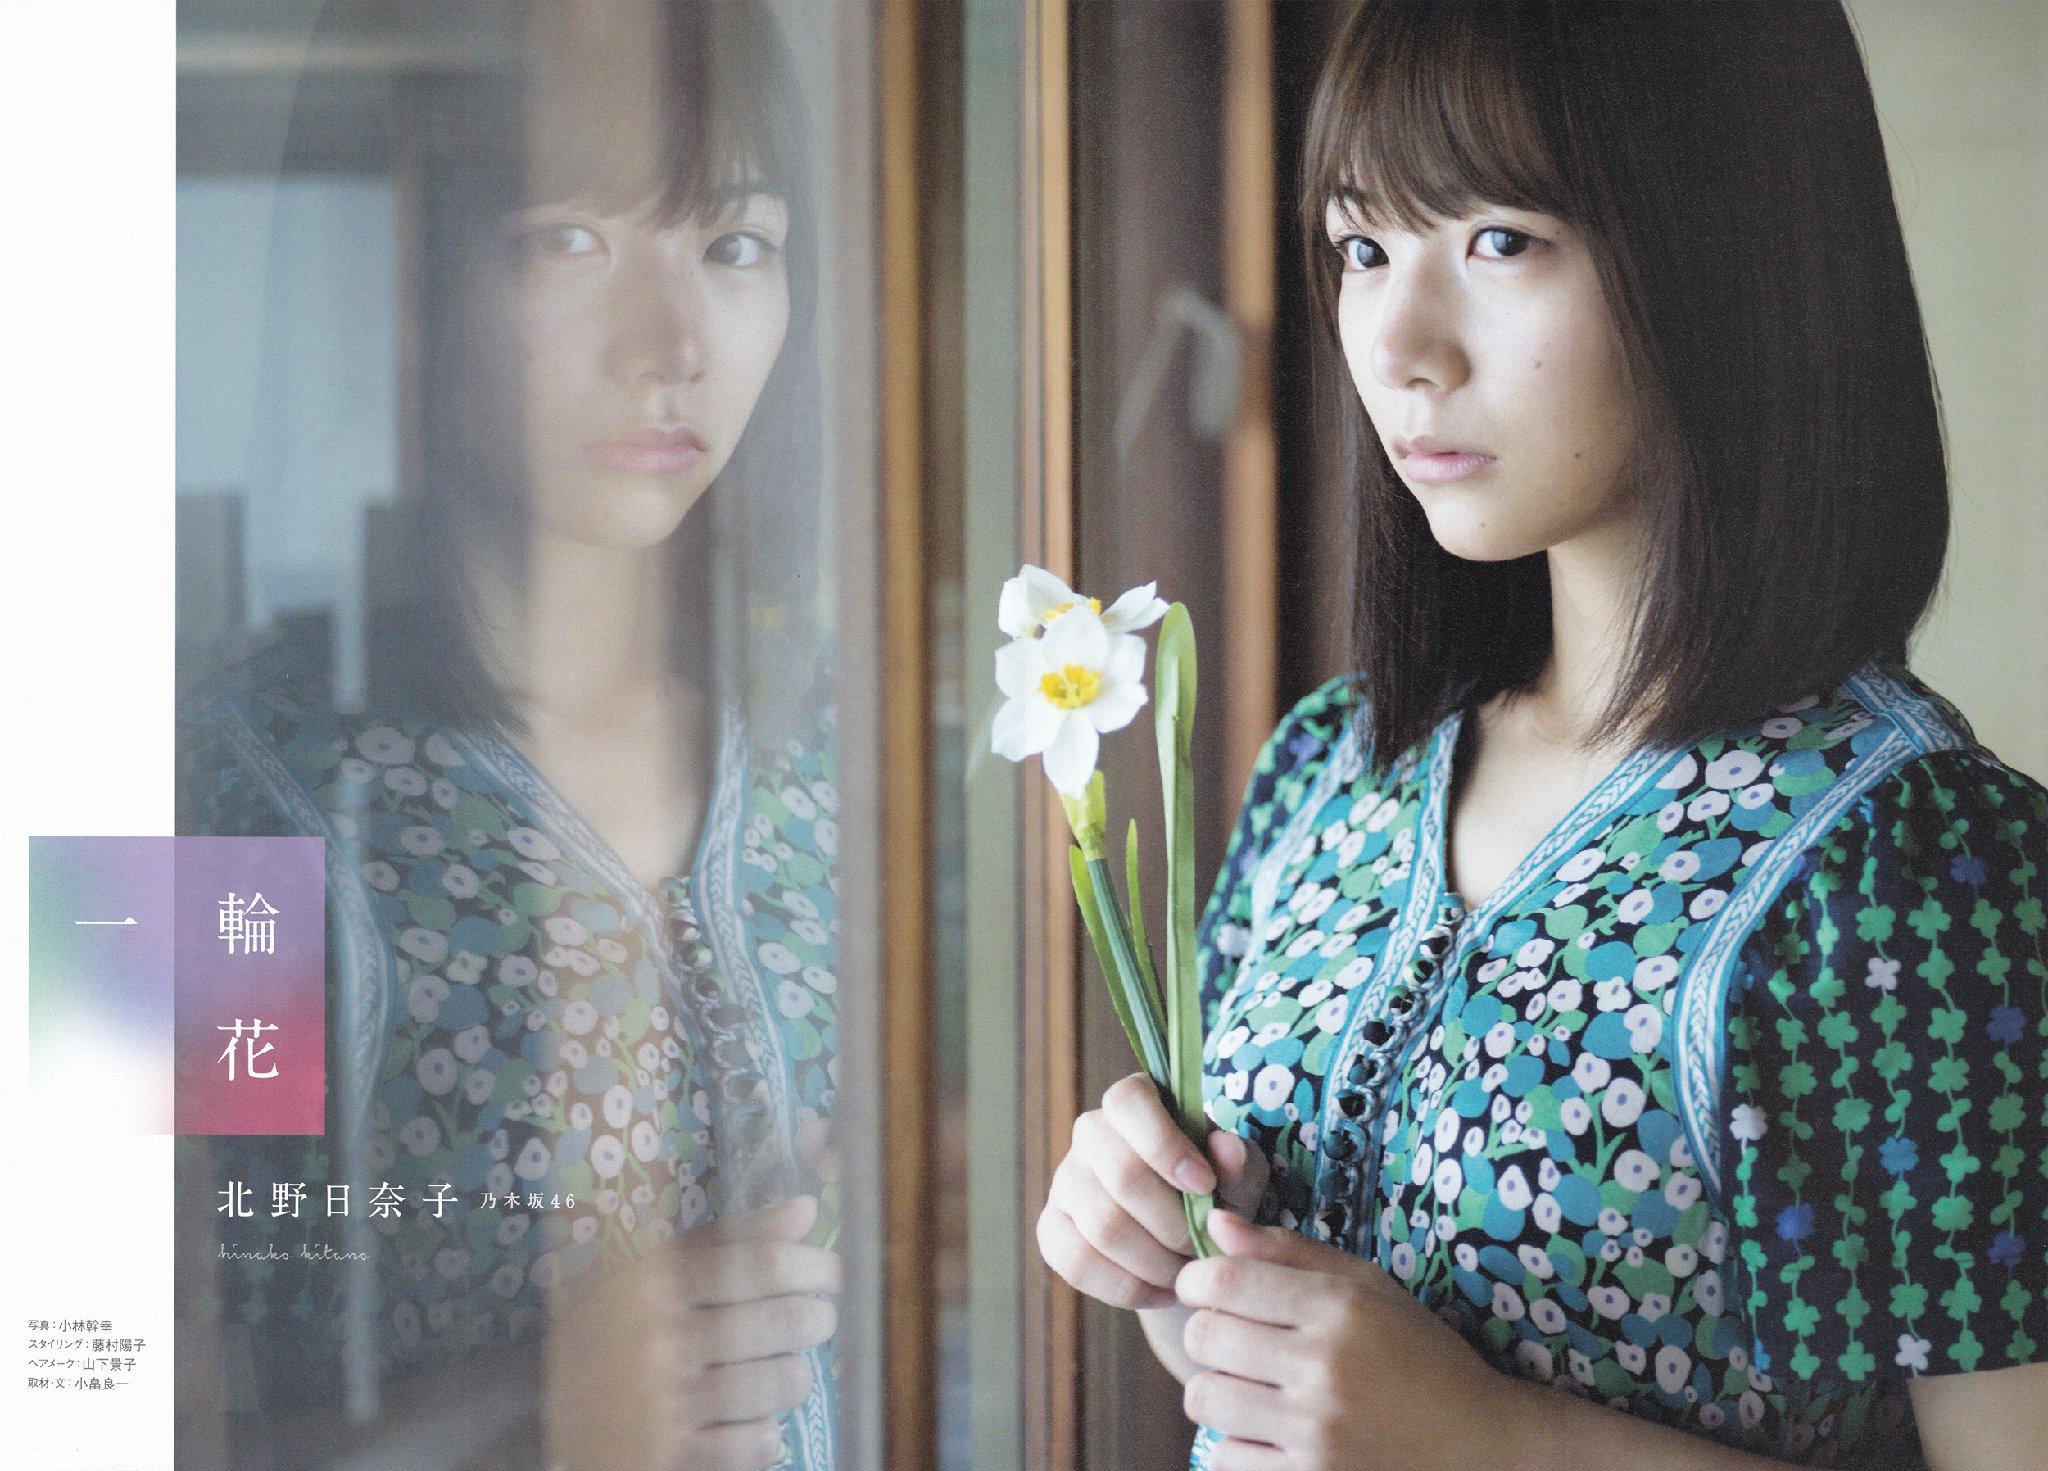 ガラスに映る北野日奈子